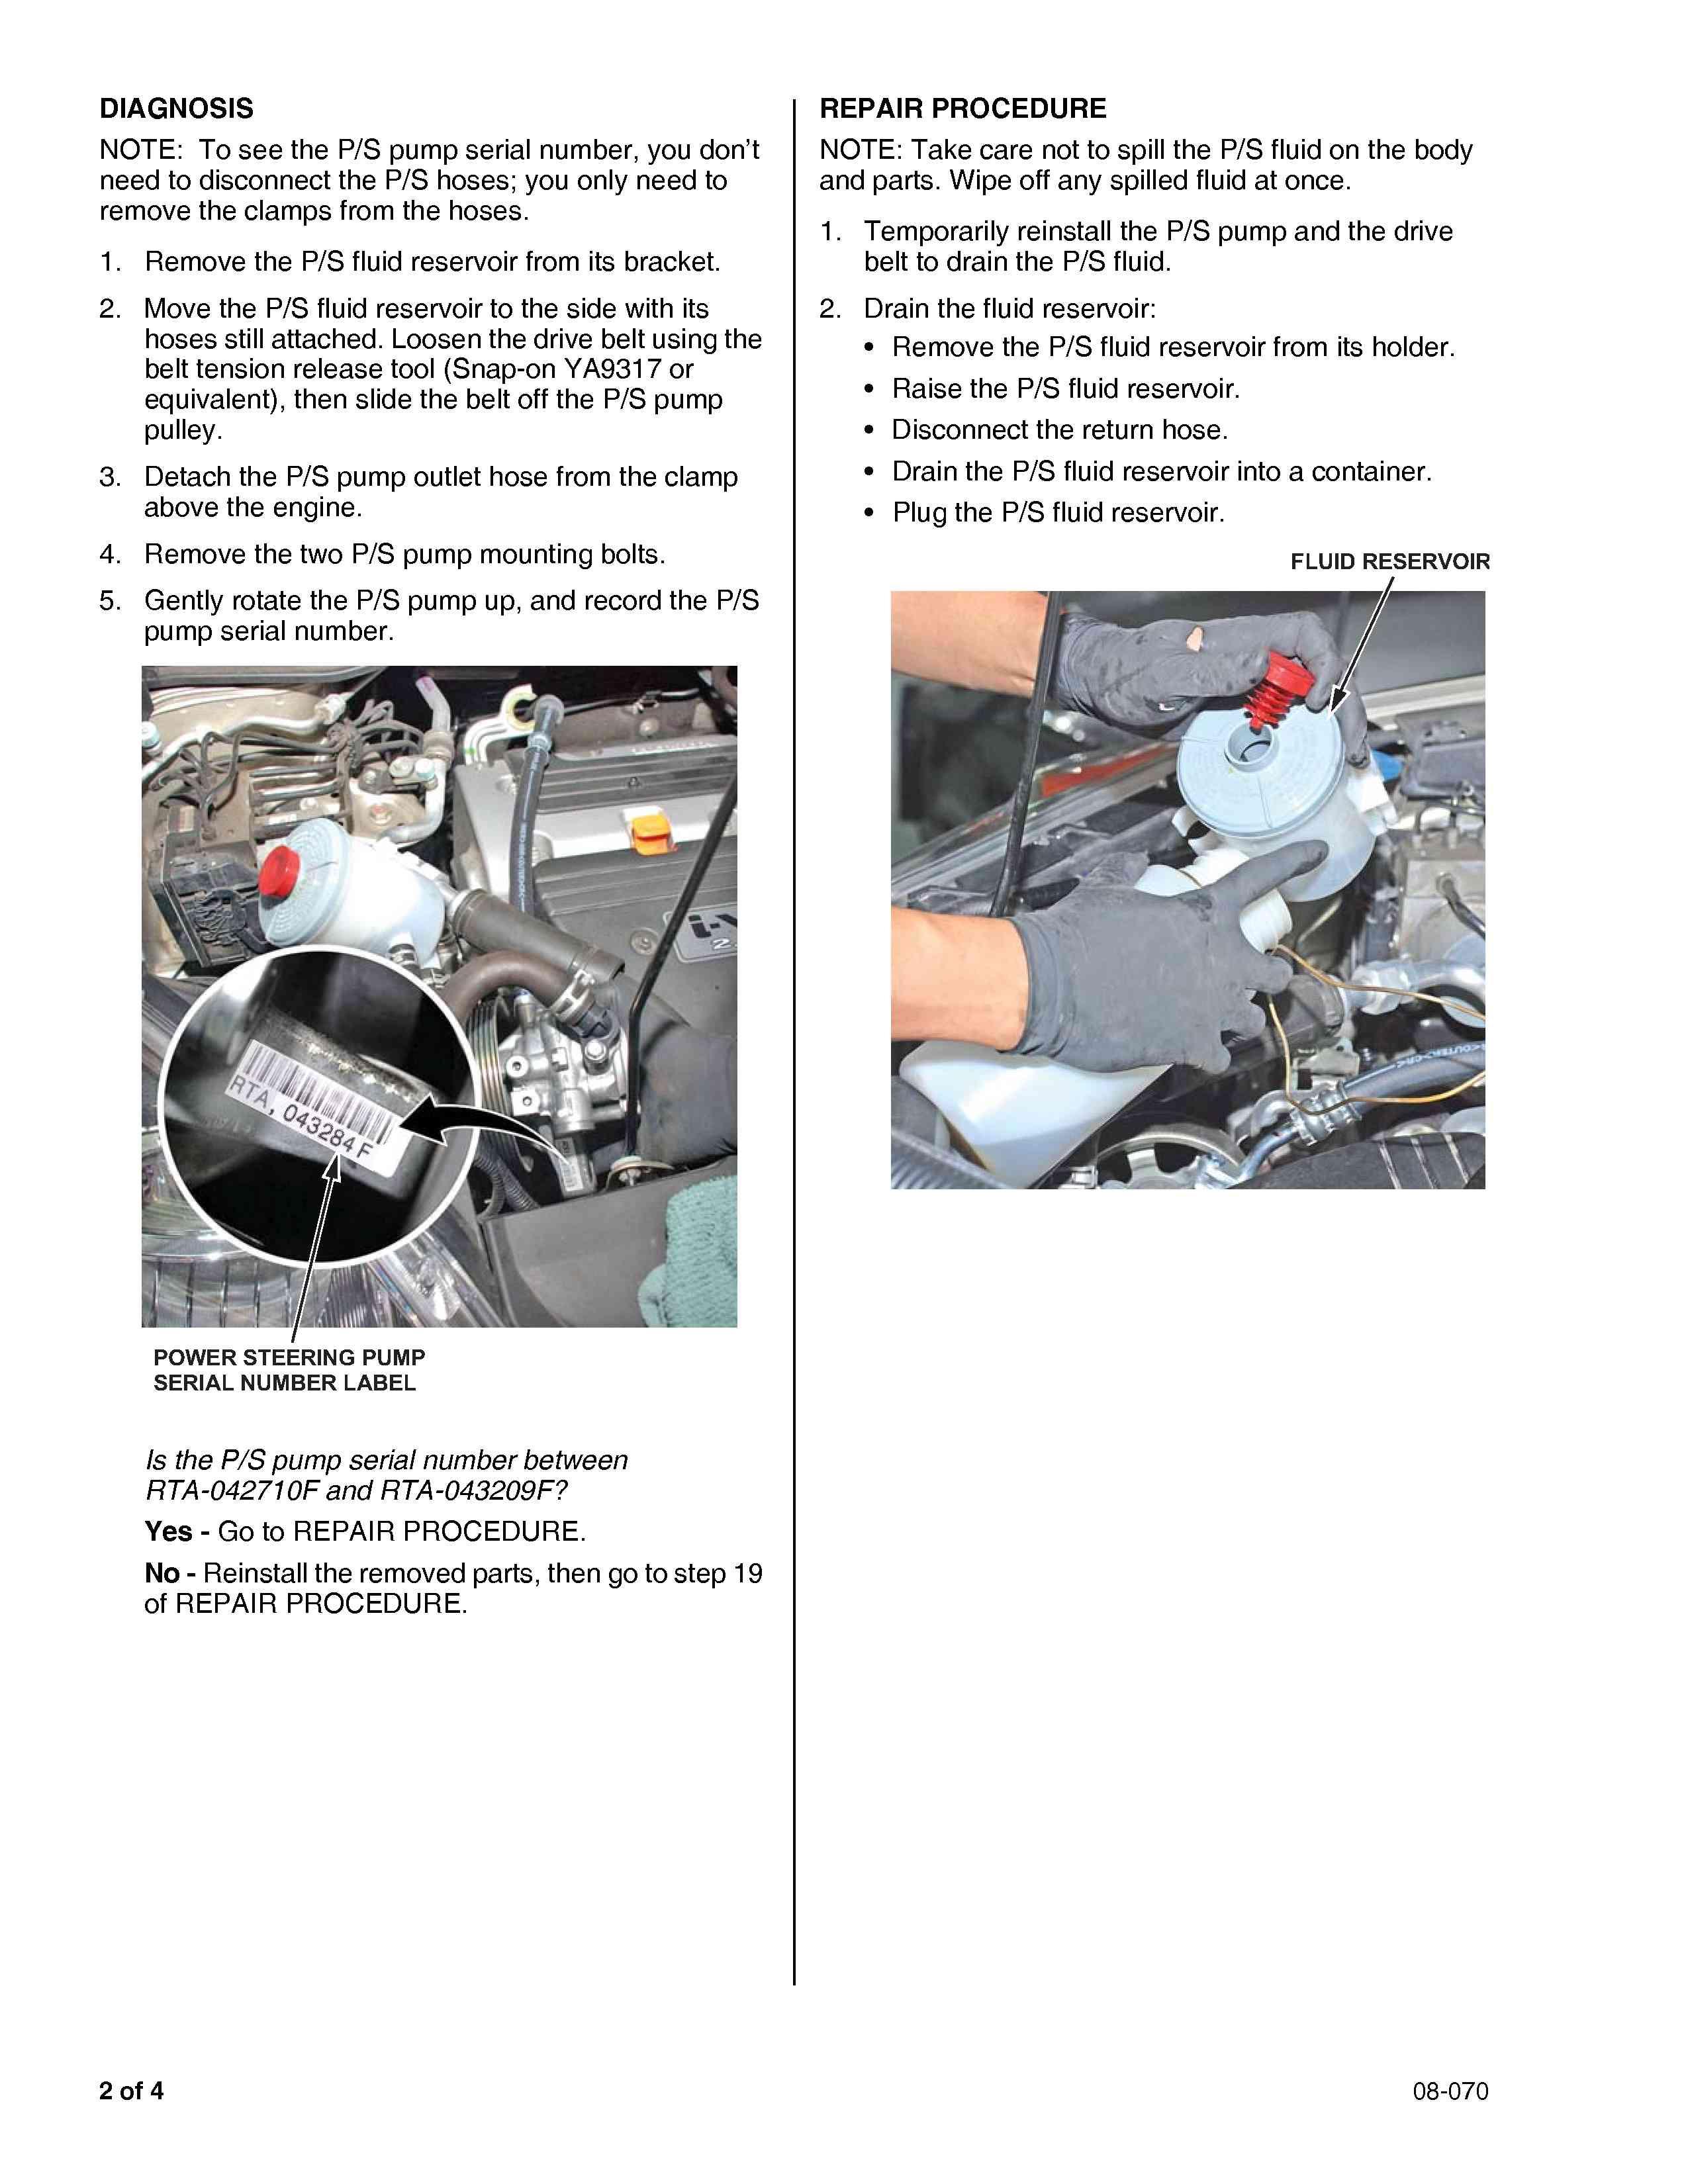 honda crv   idling    whinning noise  checked  power steering